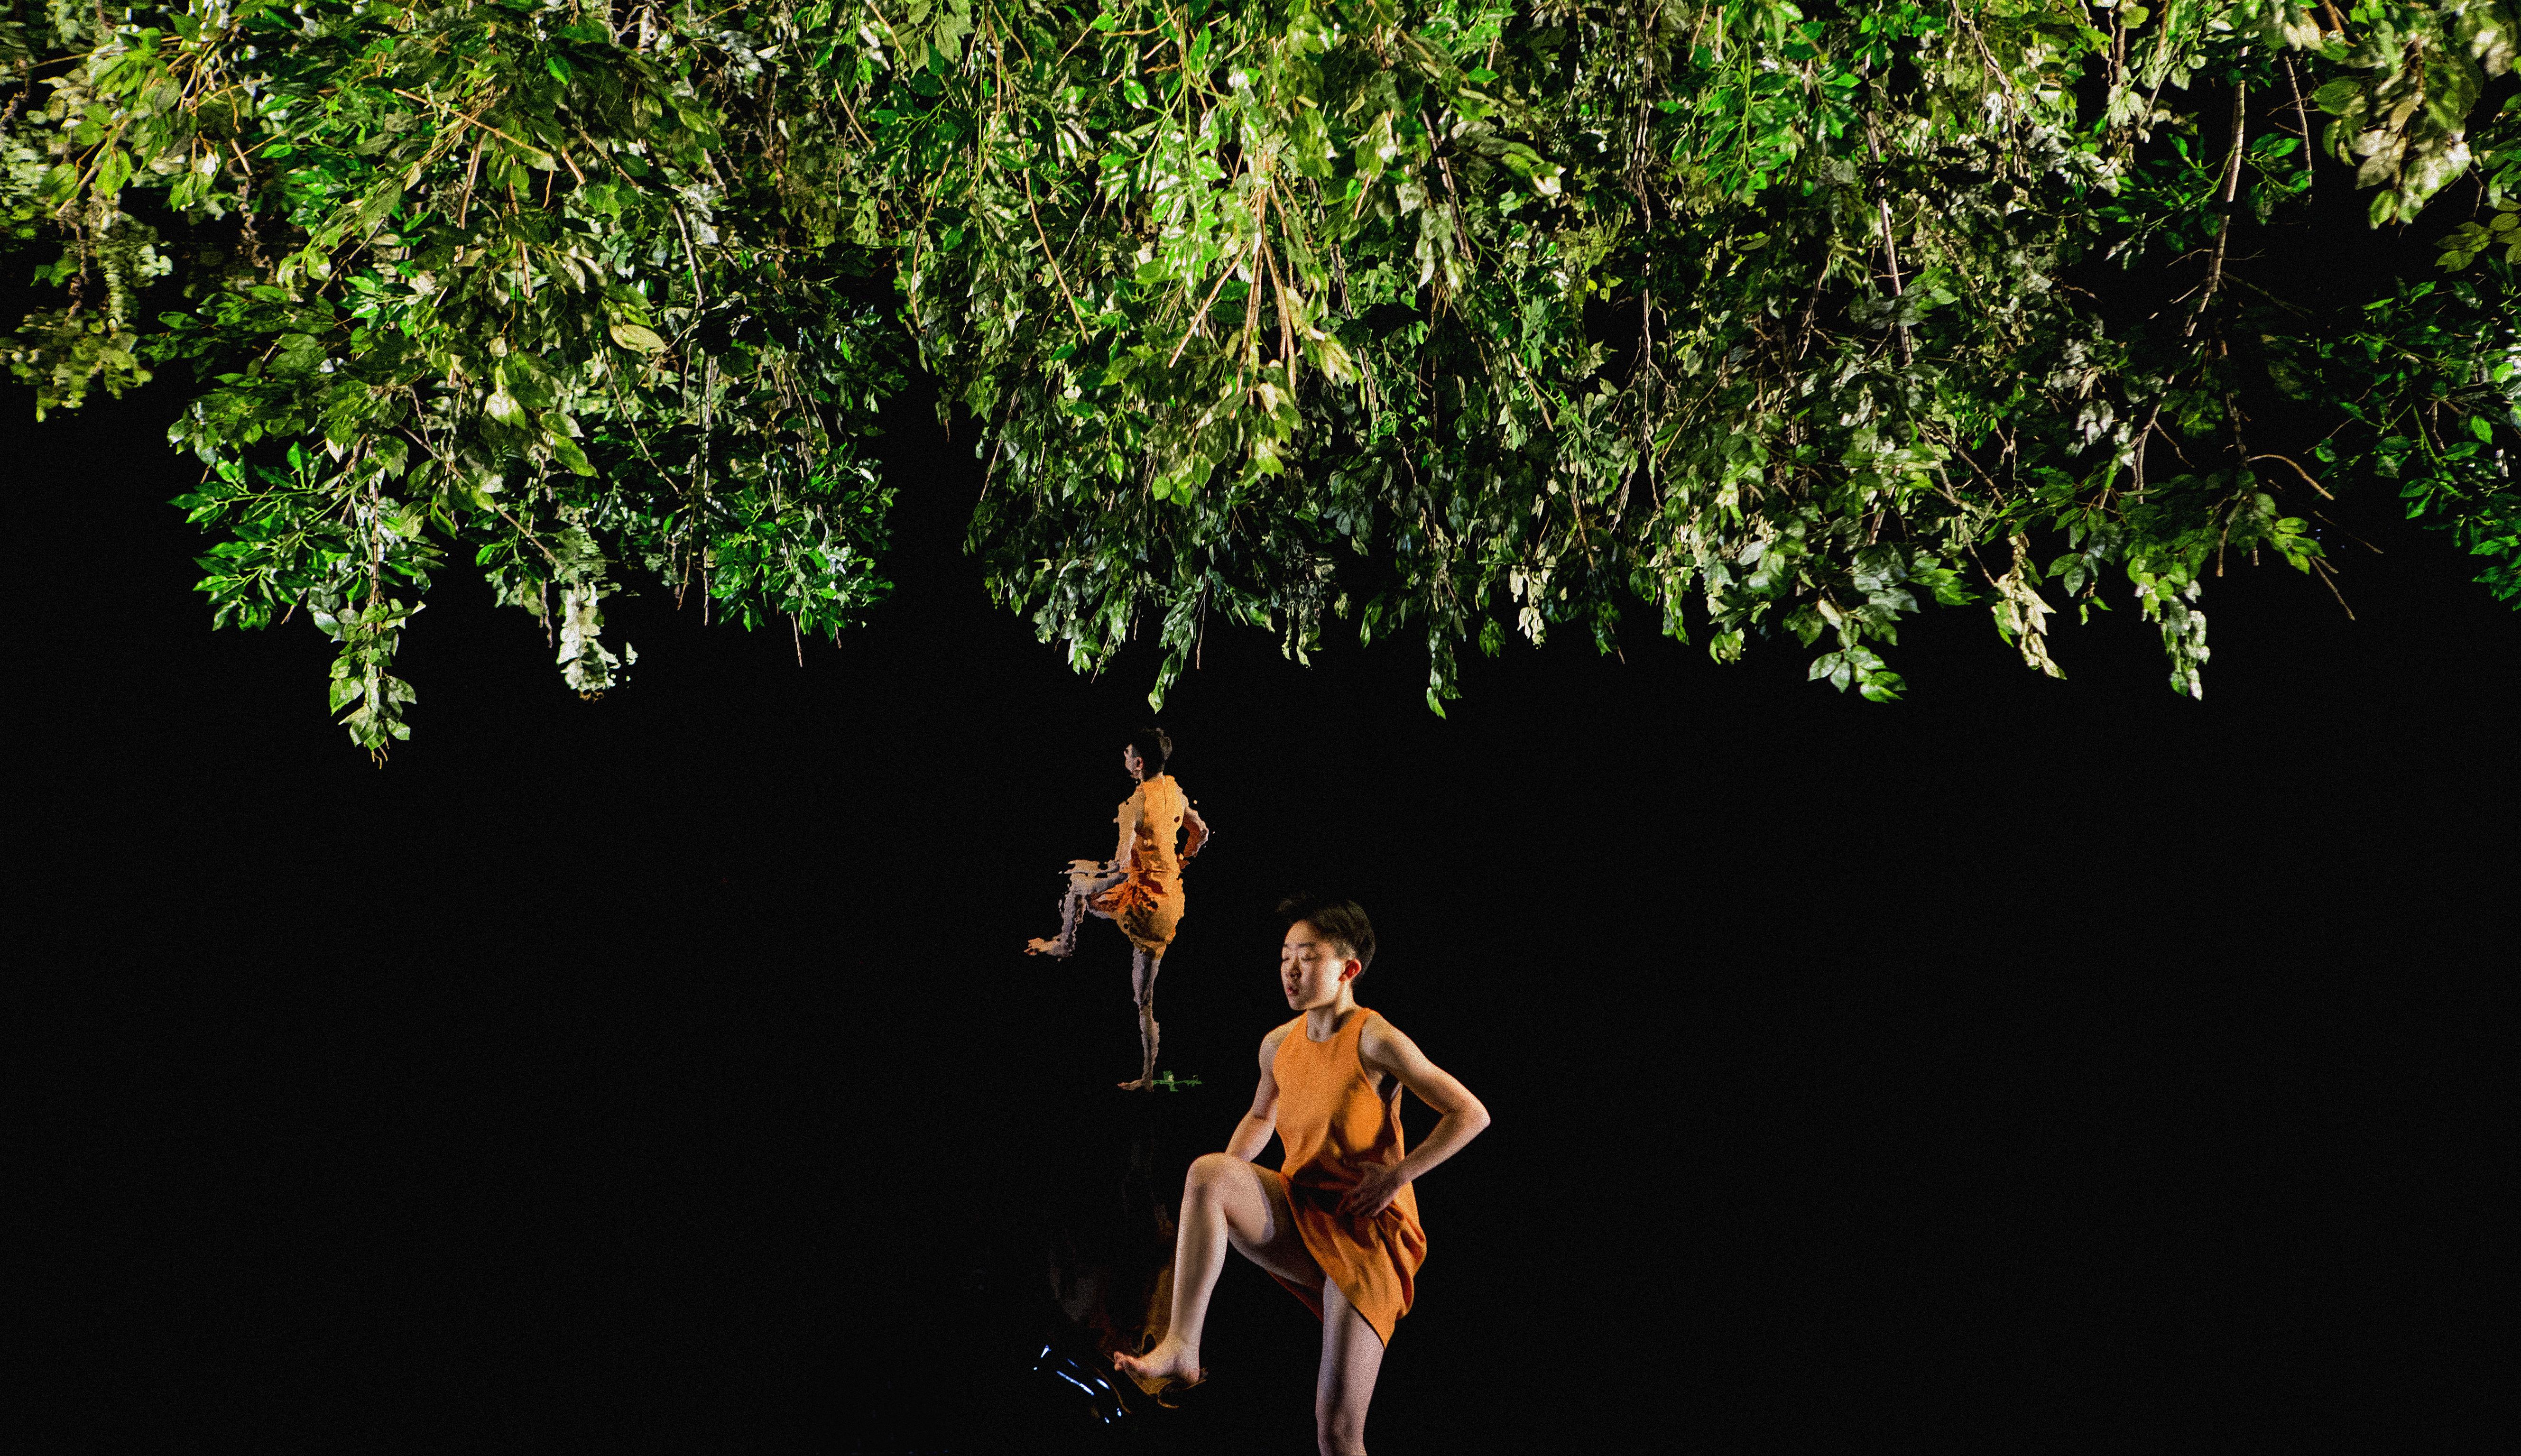 2017 아트프로젝트보라 인공낙원 (대학로예술극장2)